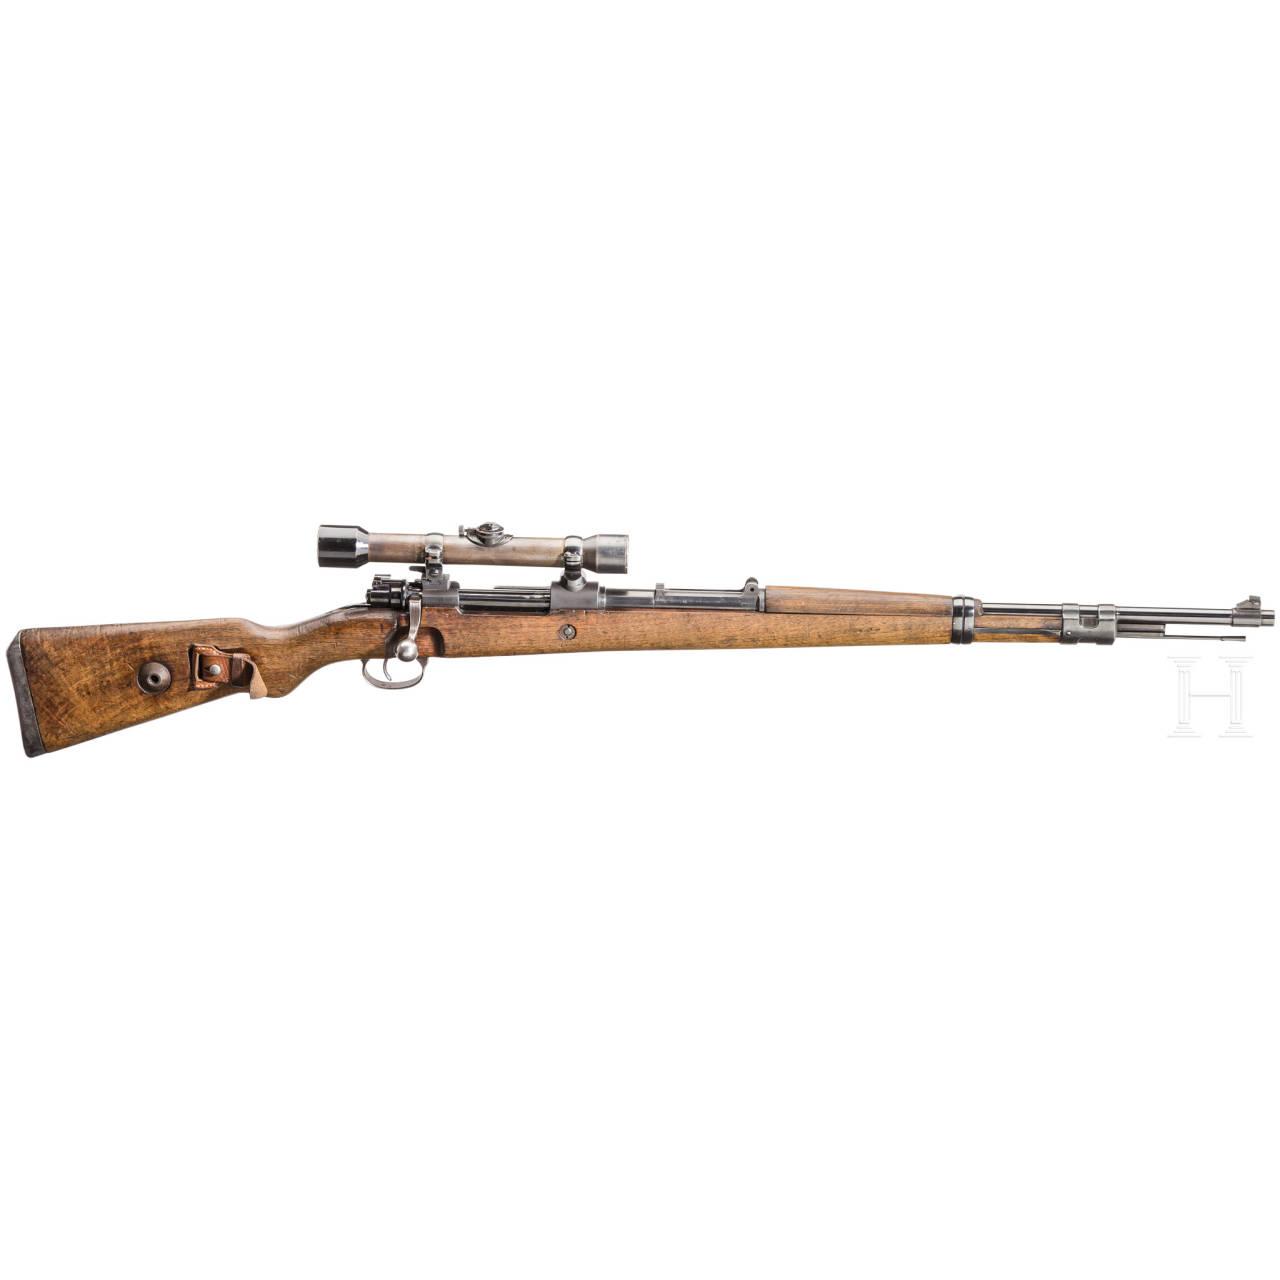 Mauser 98 mit ZF Zeiss Zielvier